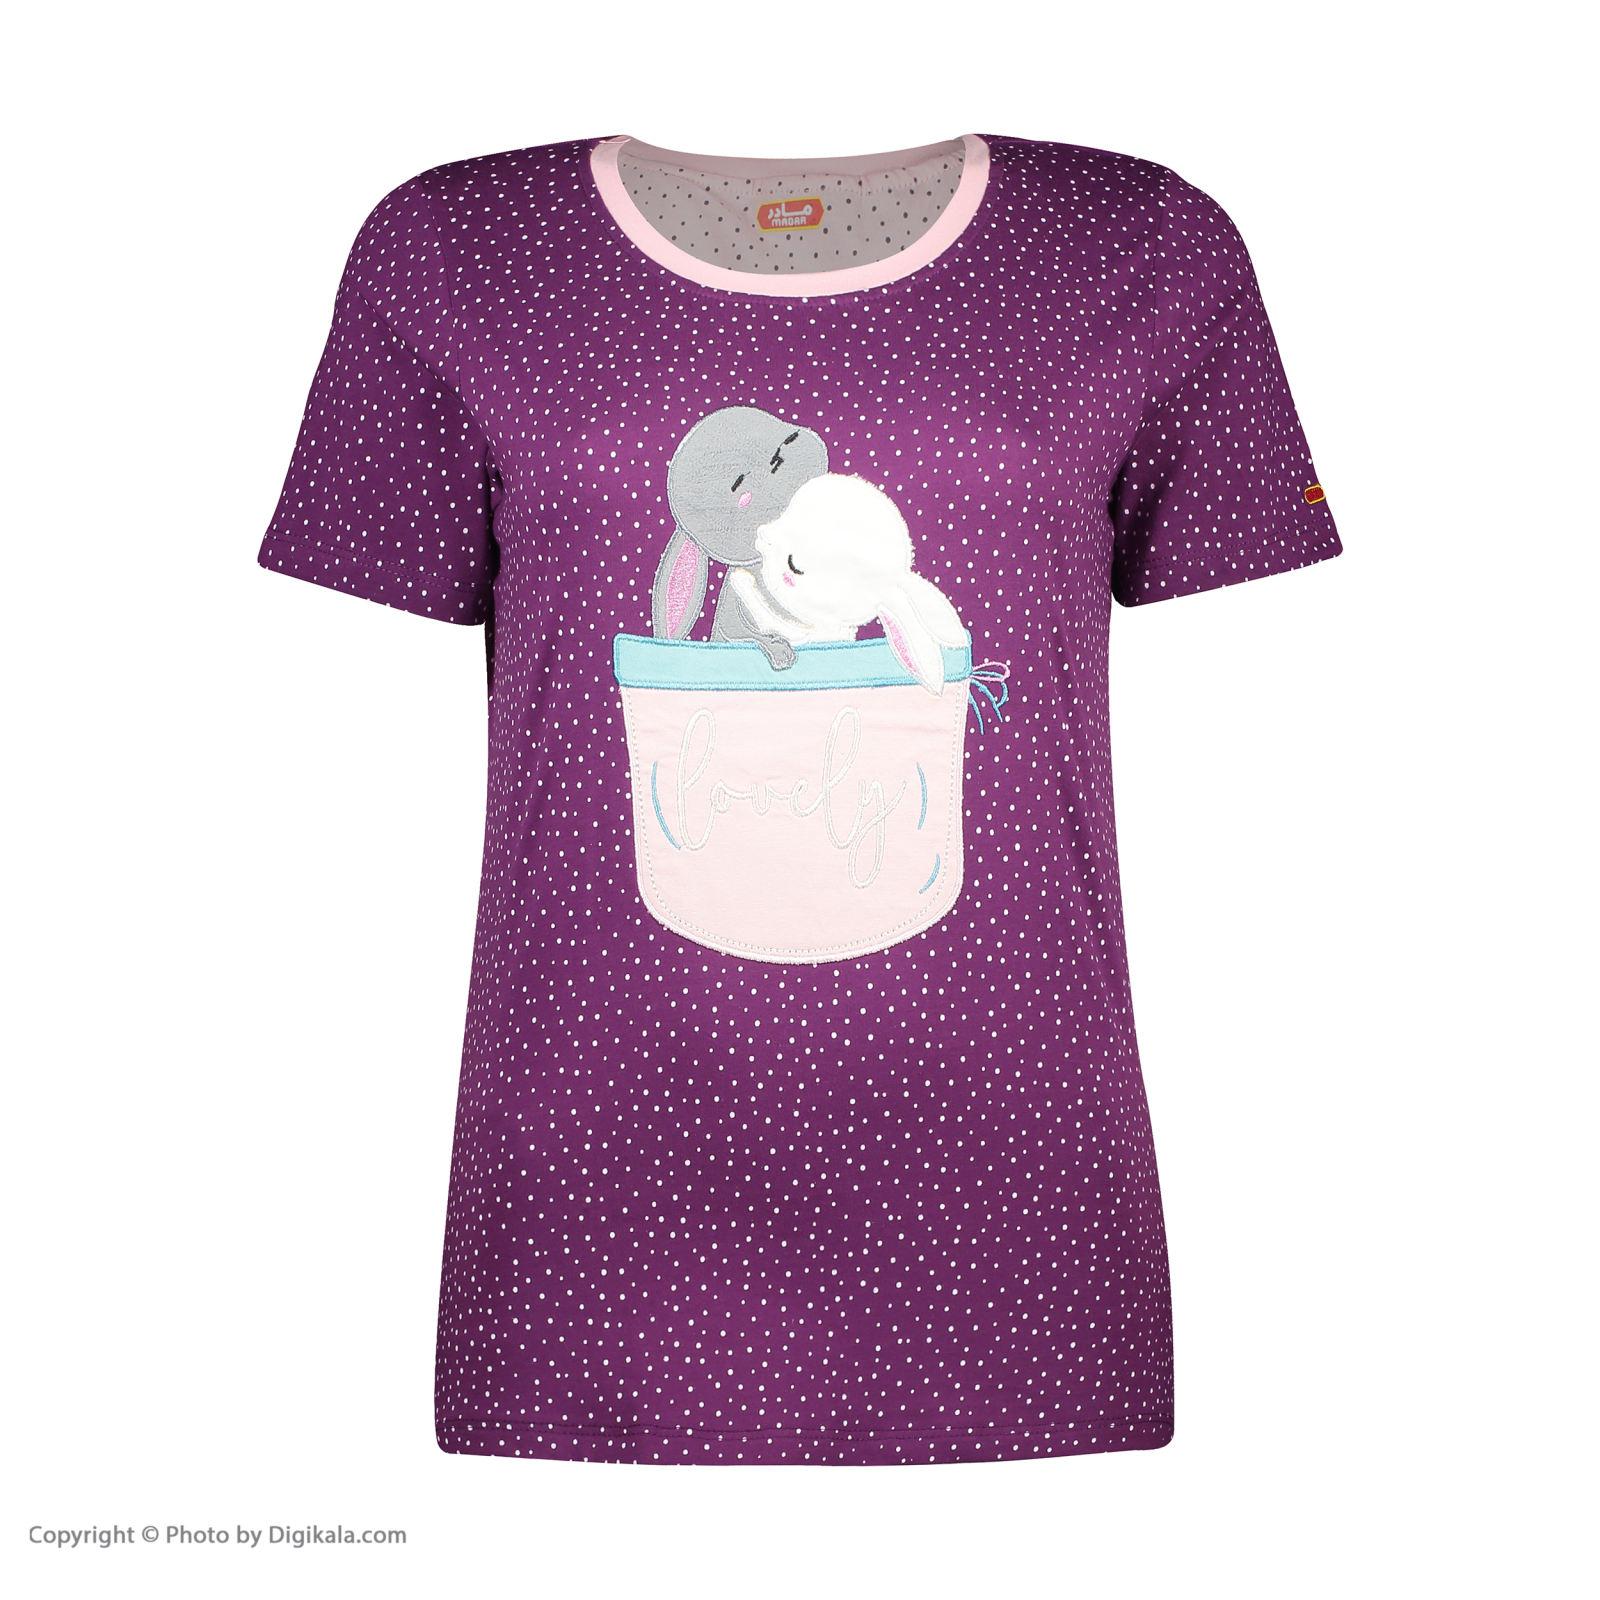 ست تی شرت و شلوارک راحتی زنانه مادر مدل 2041102-67 -  - 4